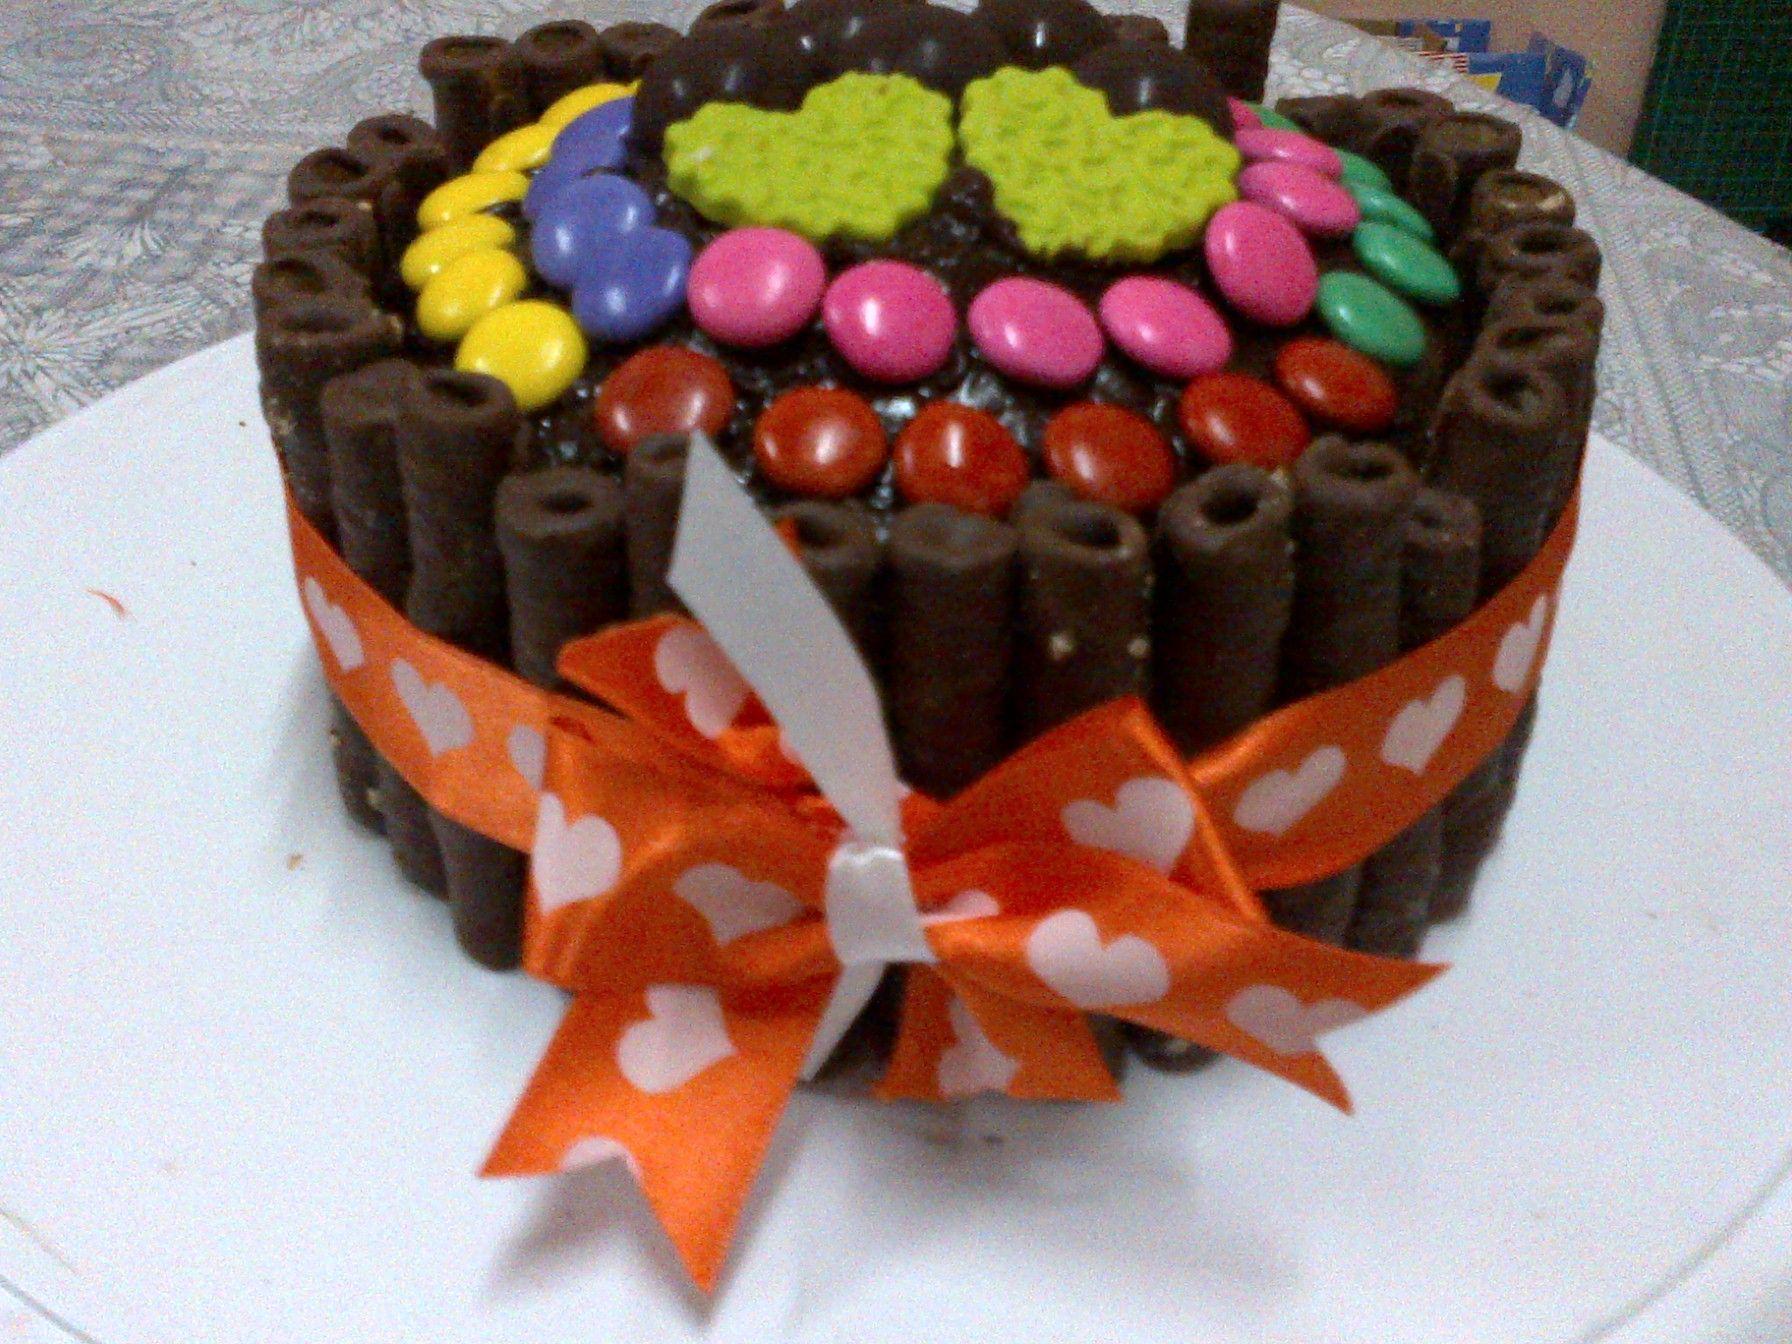 Torta de chocolate decorada con confites | tortas fantasía